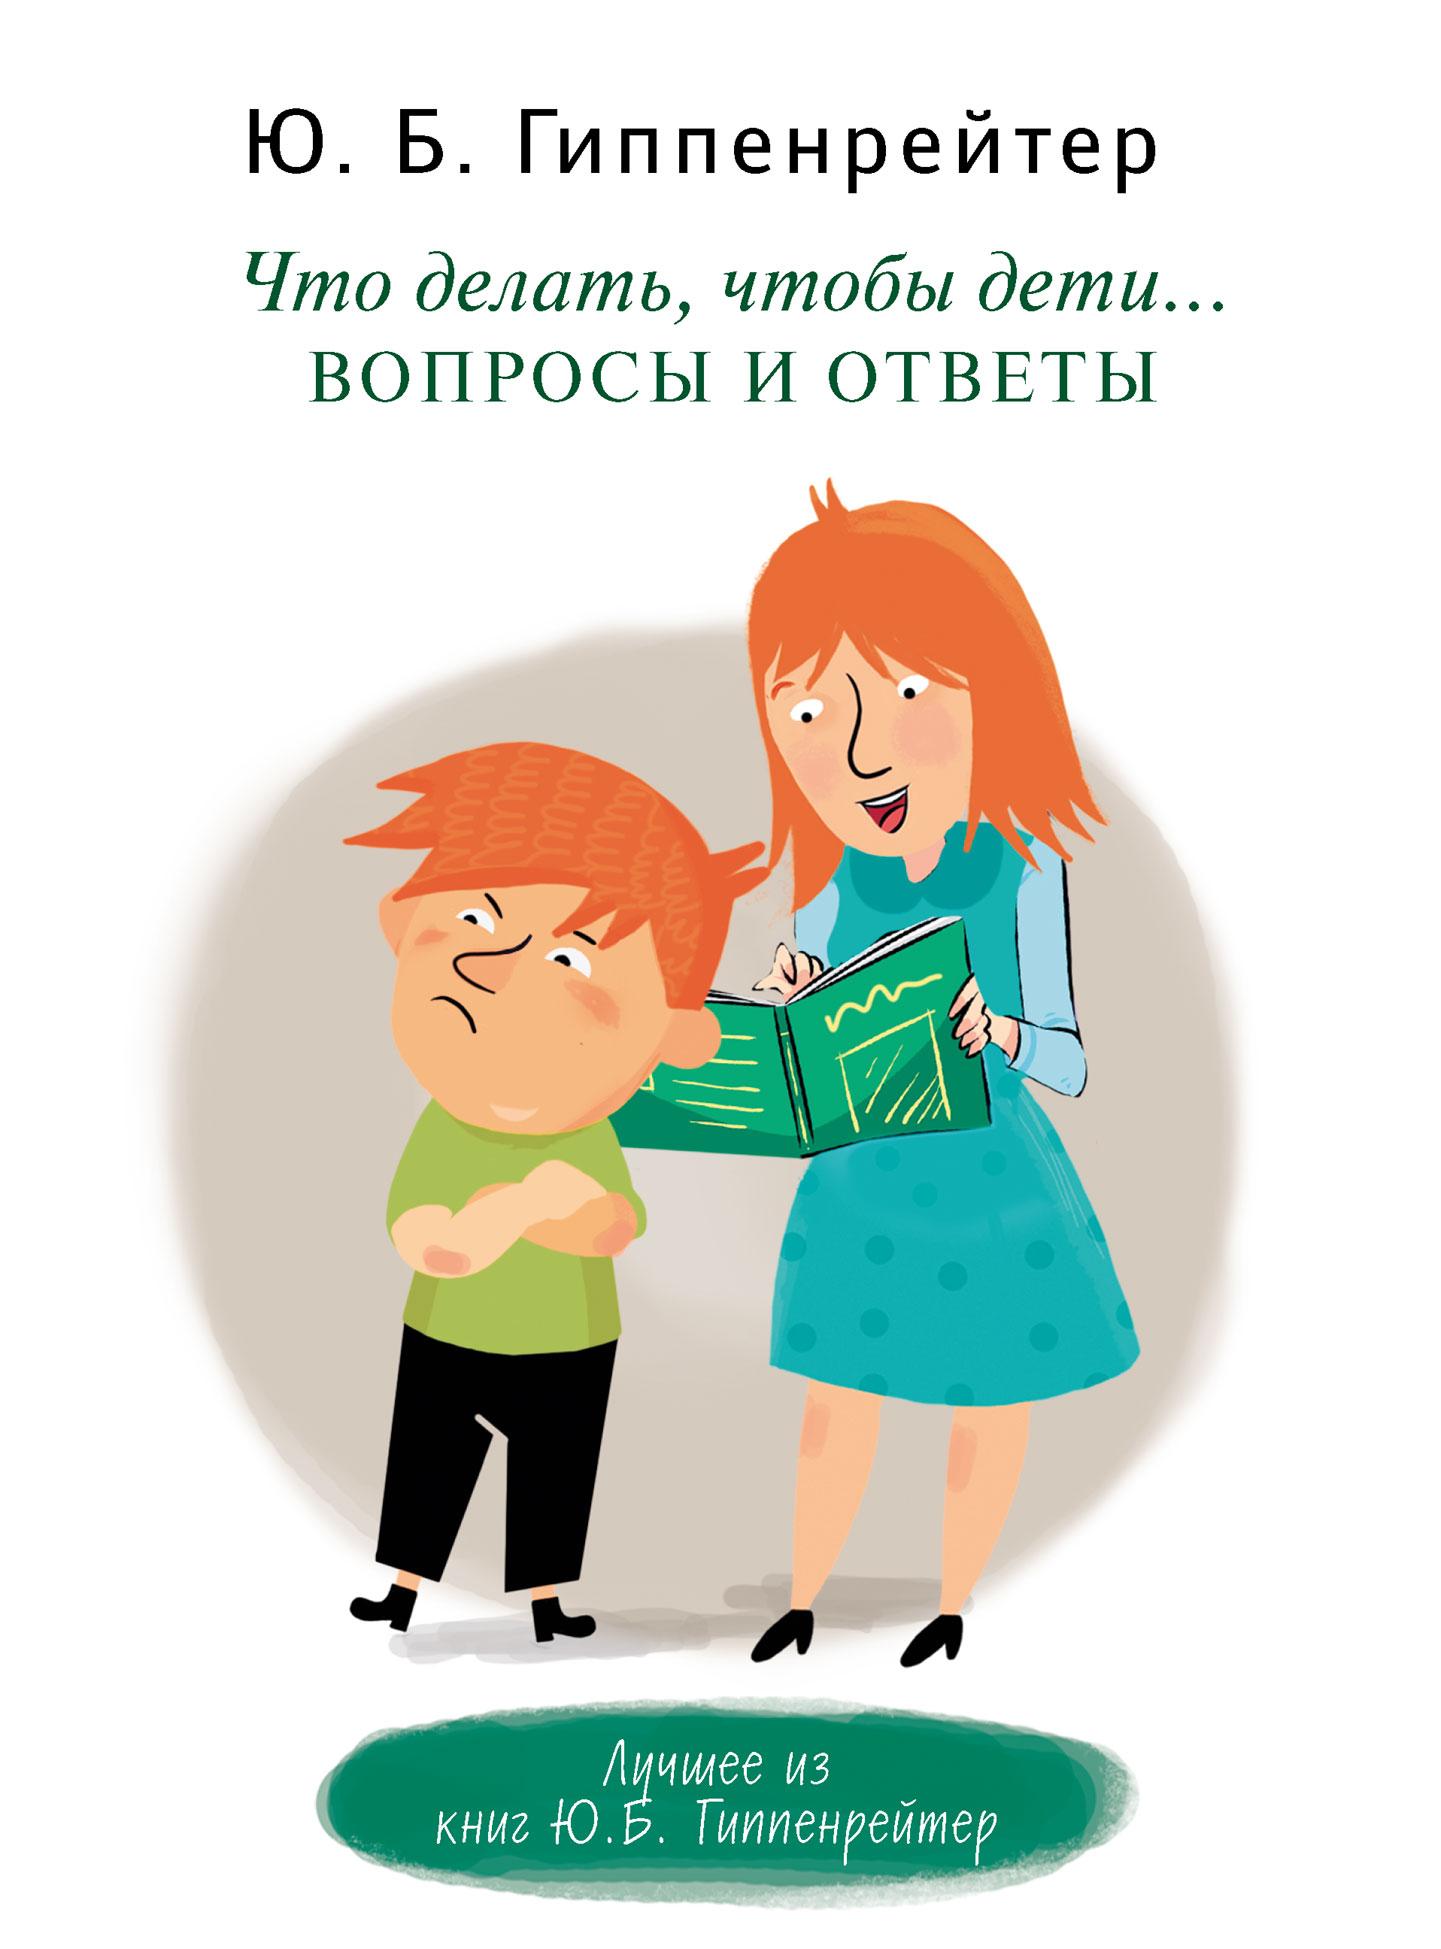 Юлия Гиппенрейтер Что делать, чтобы дети… Вопросы и ответы гиппенрейтер юлия борисовна самая важная книга для родителей isbn 978 5 17 083876 9